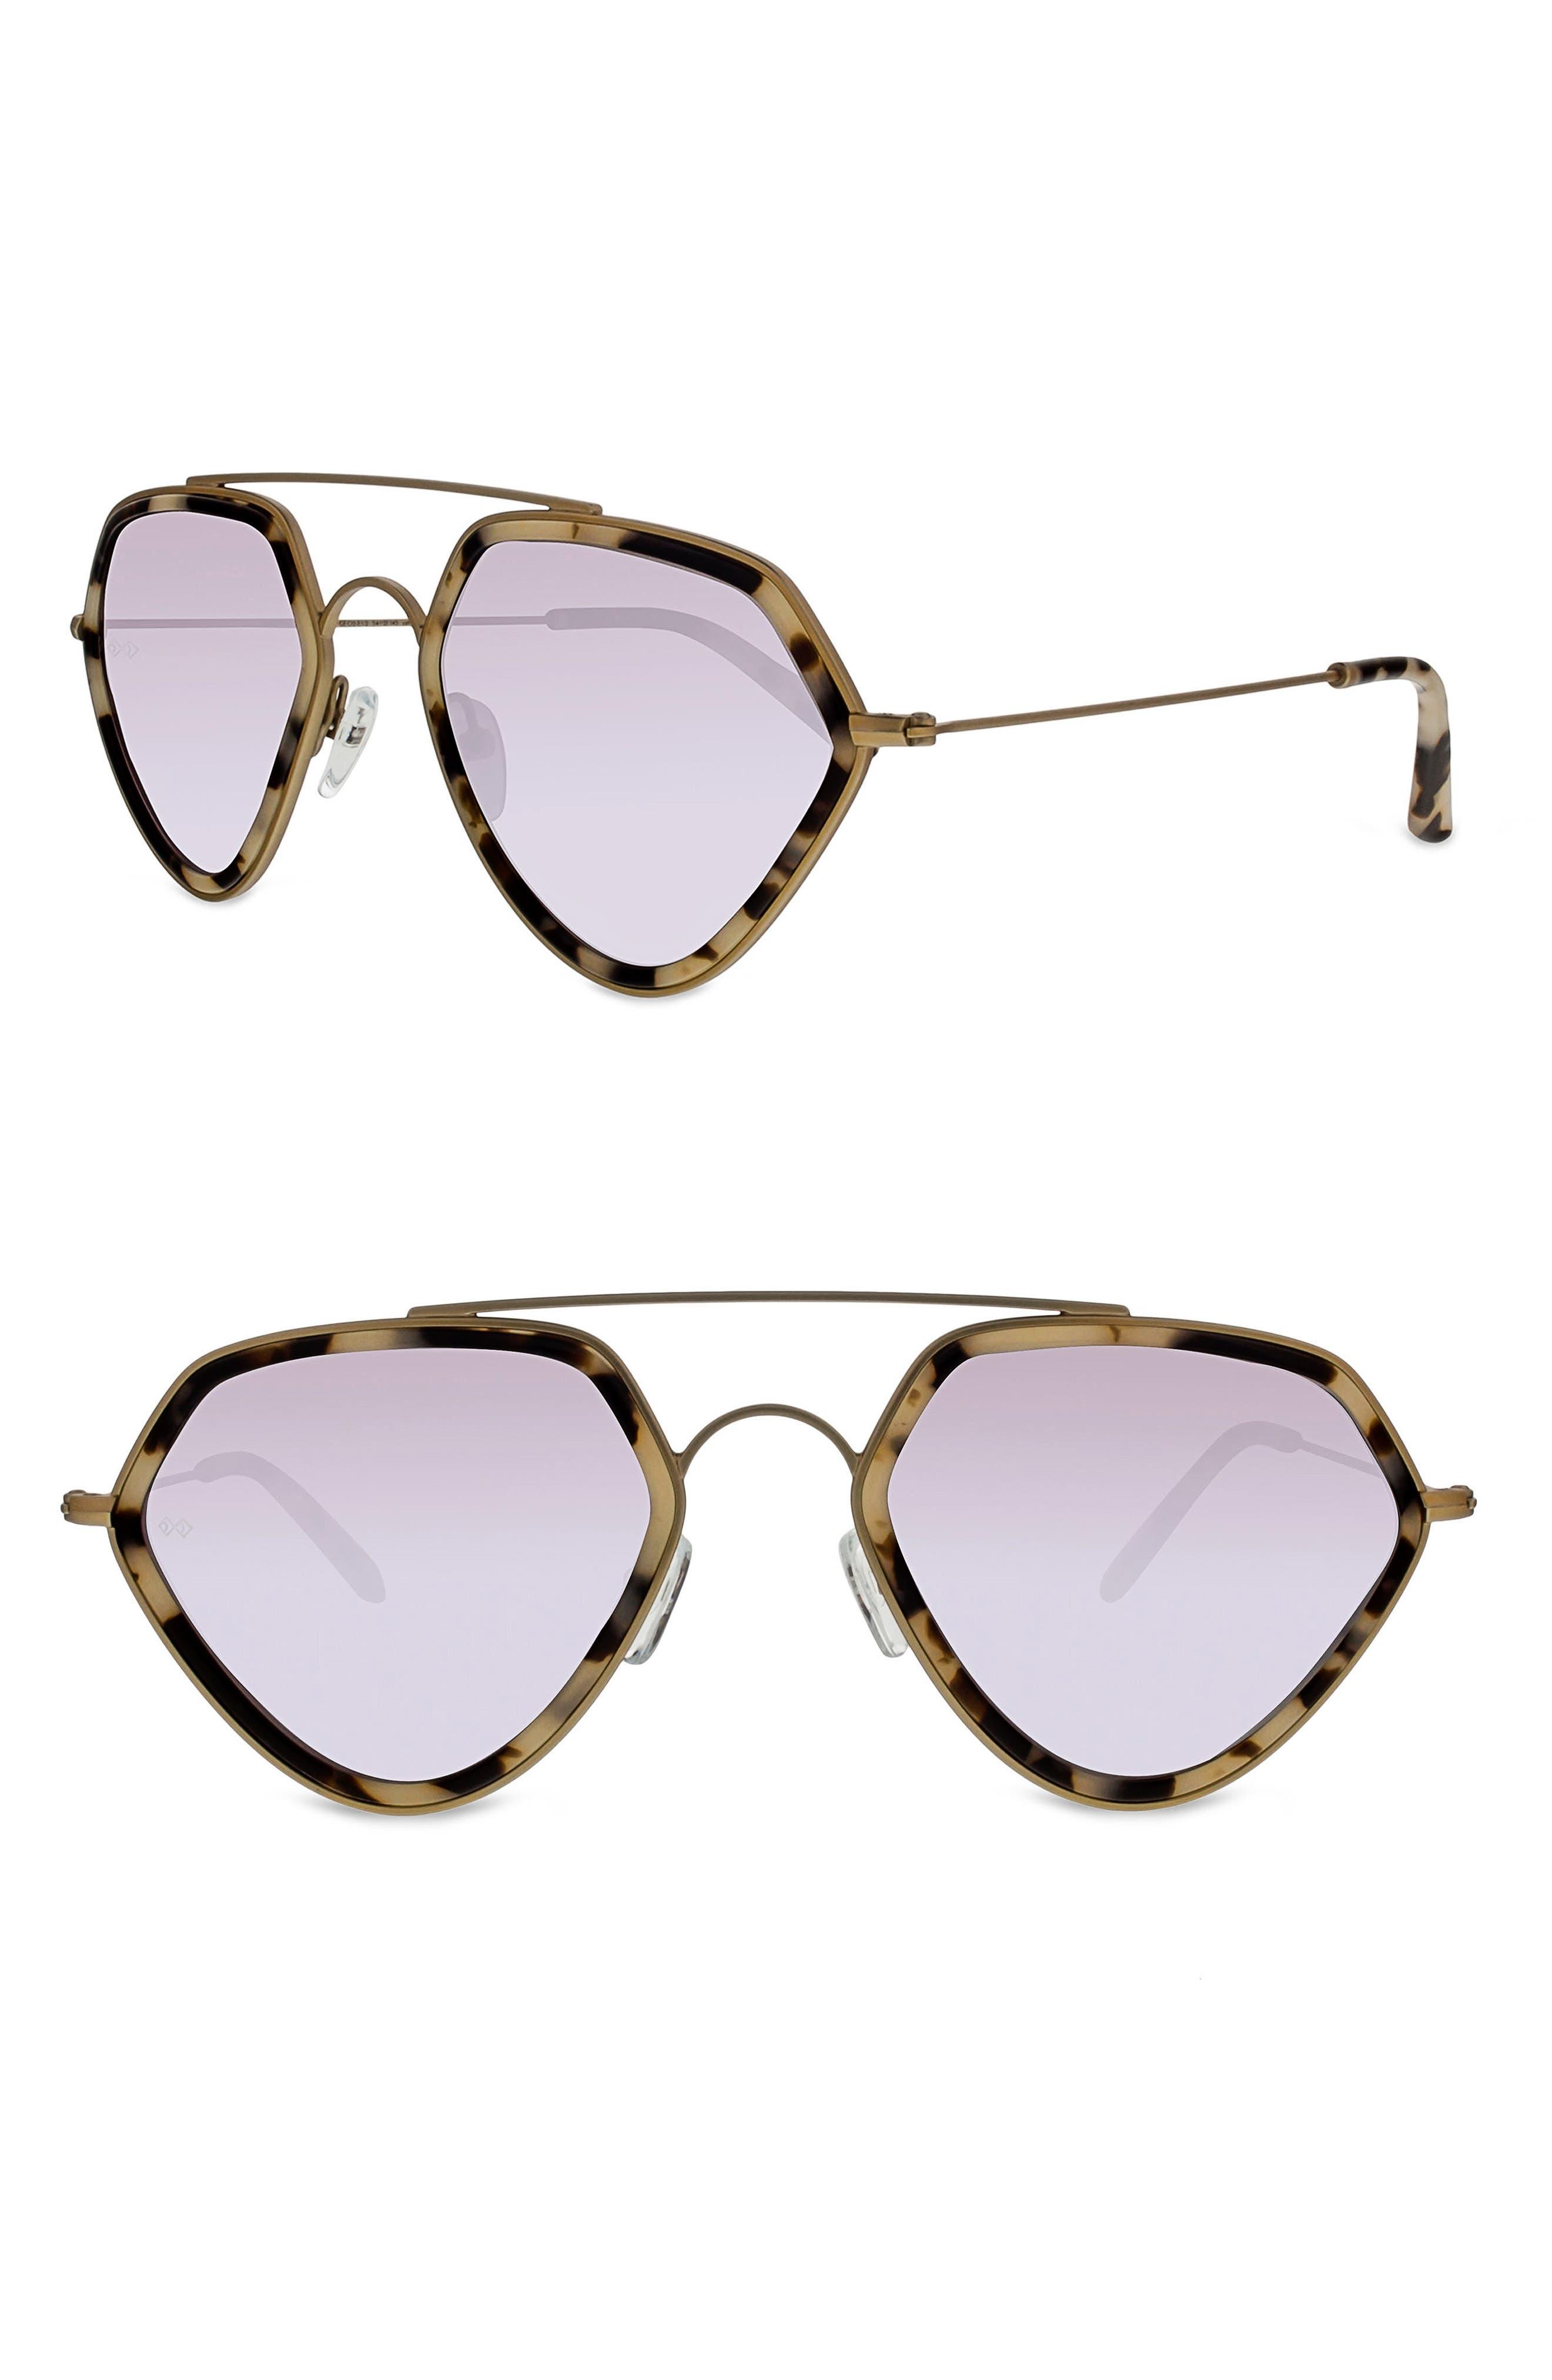 Geo II 54mm Sunglasses,                         Main,                         color, MATTE GOLD/ SILVER MIRROR